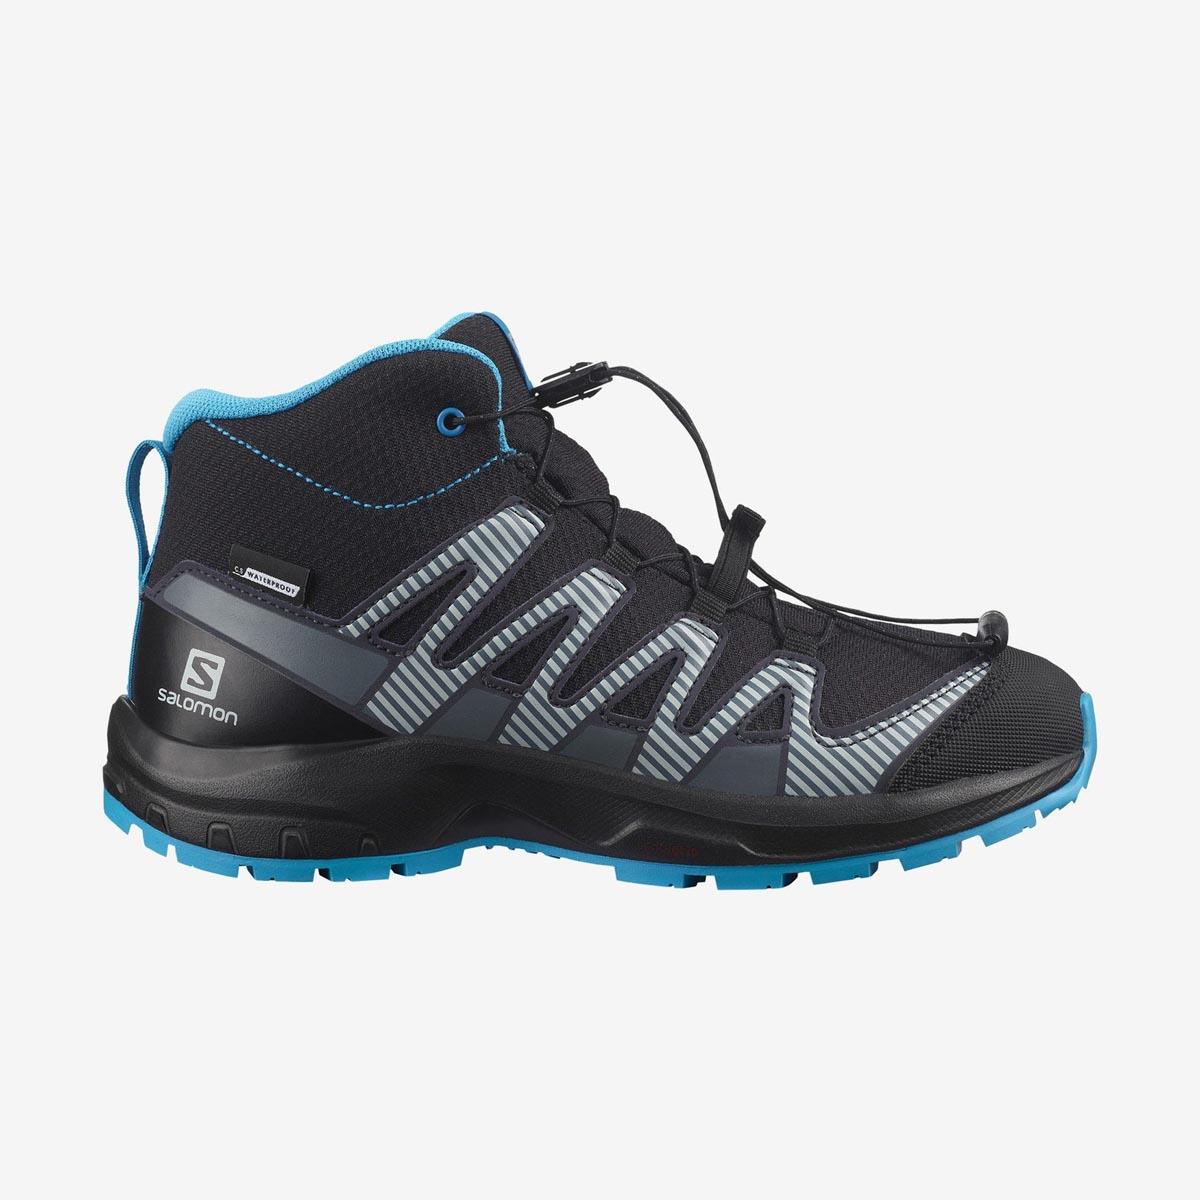 Ботинки XA PRO V8 MID CSWP J